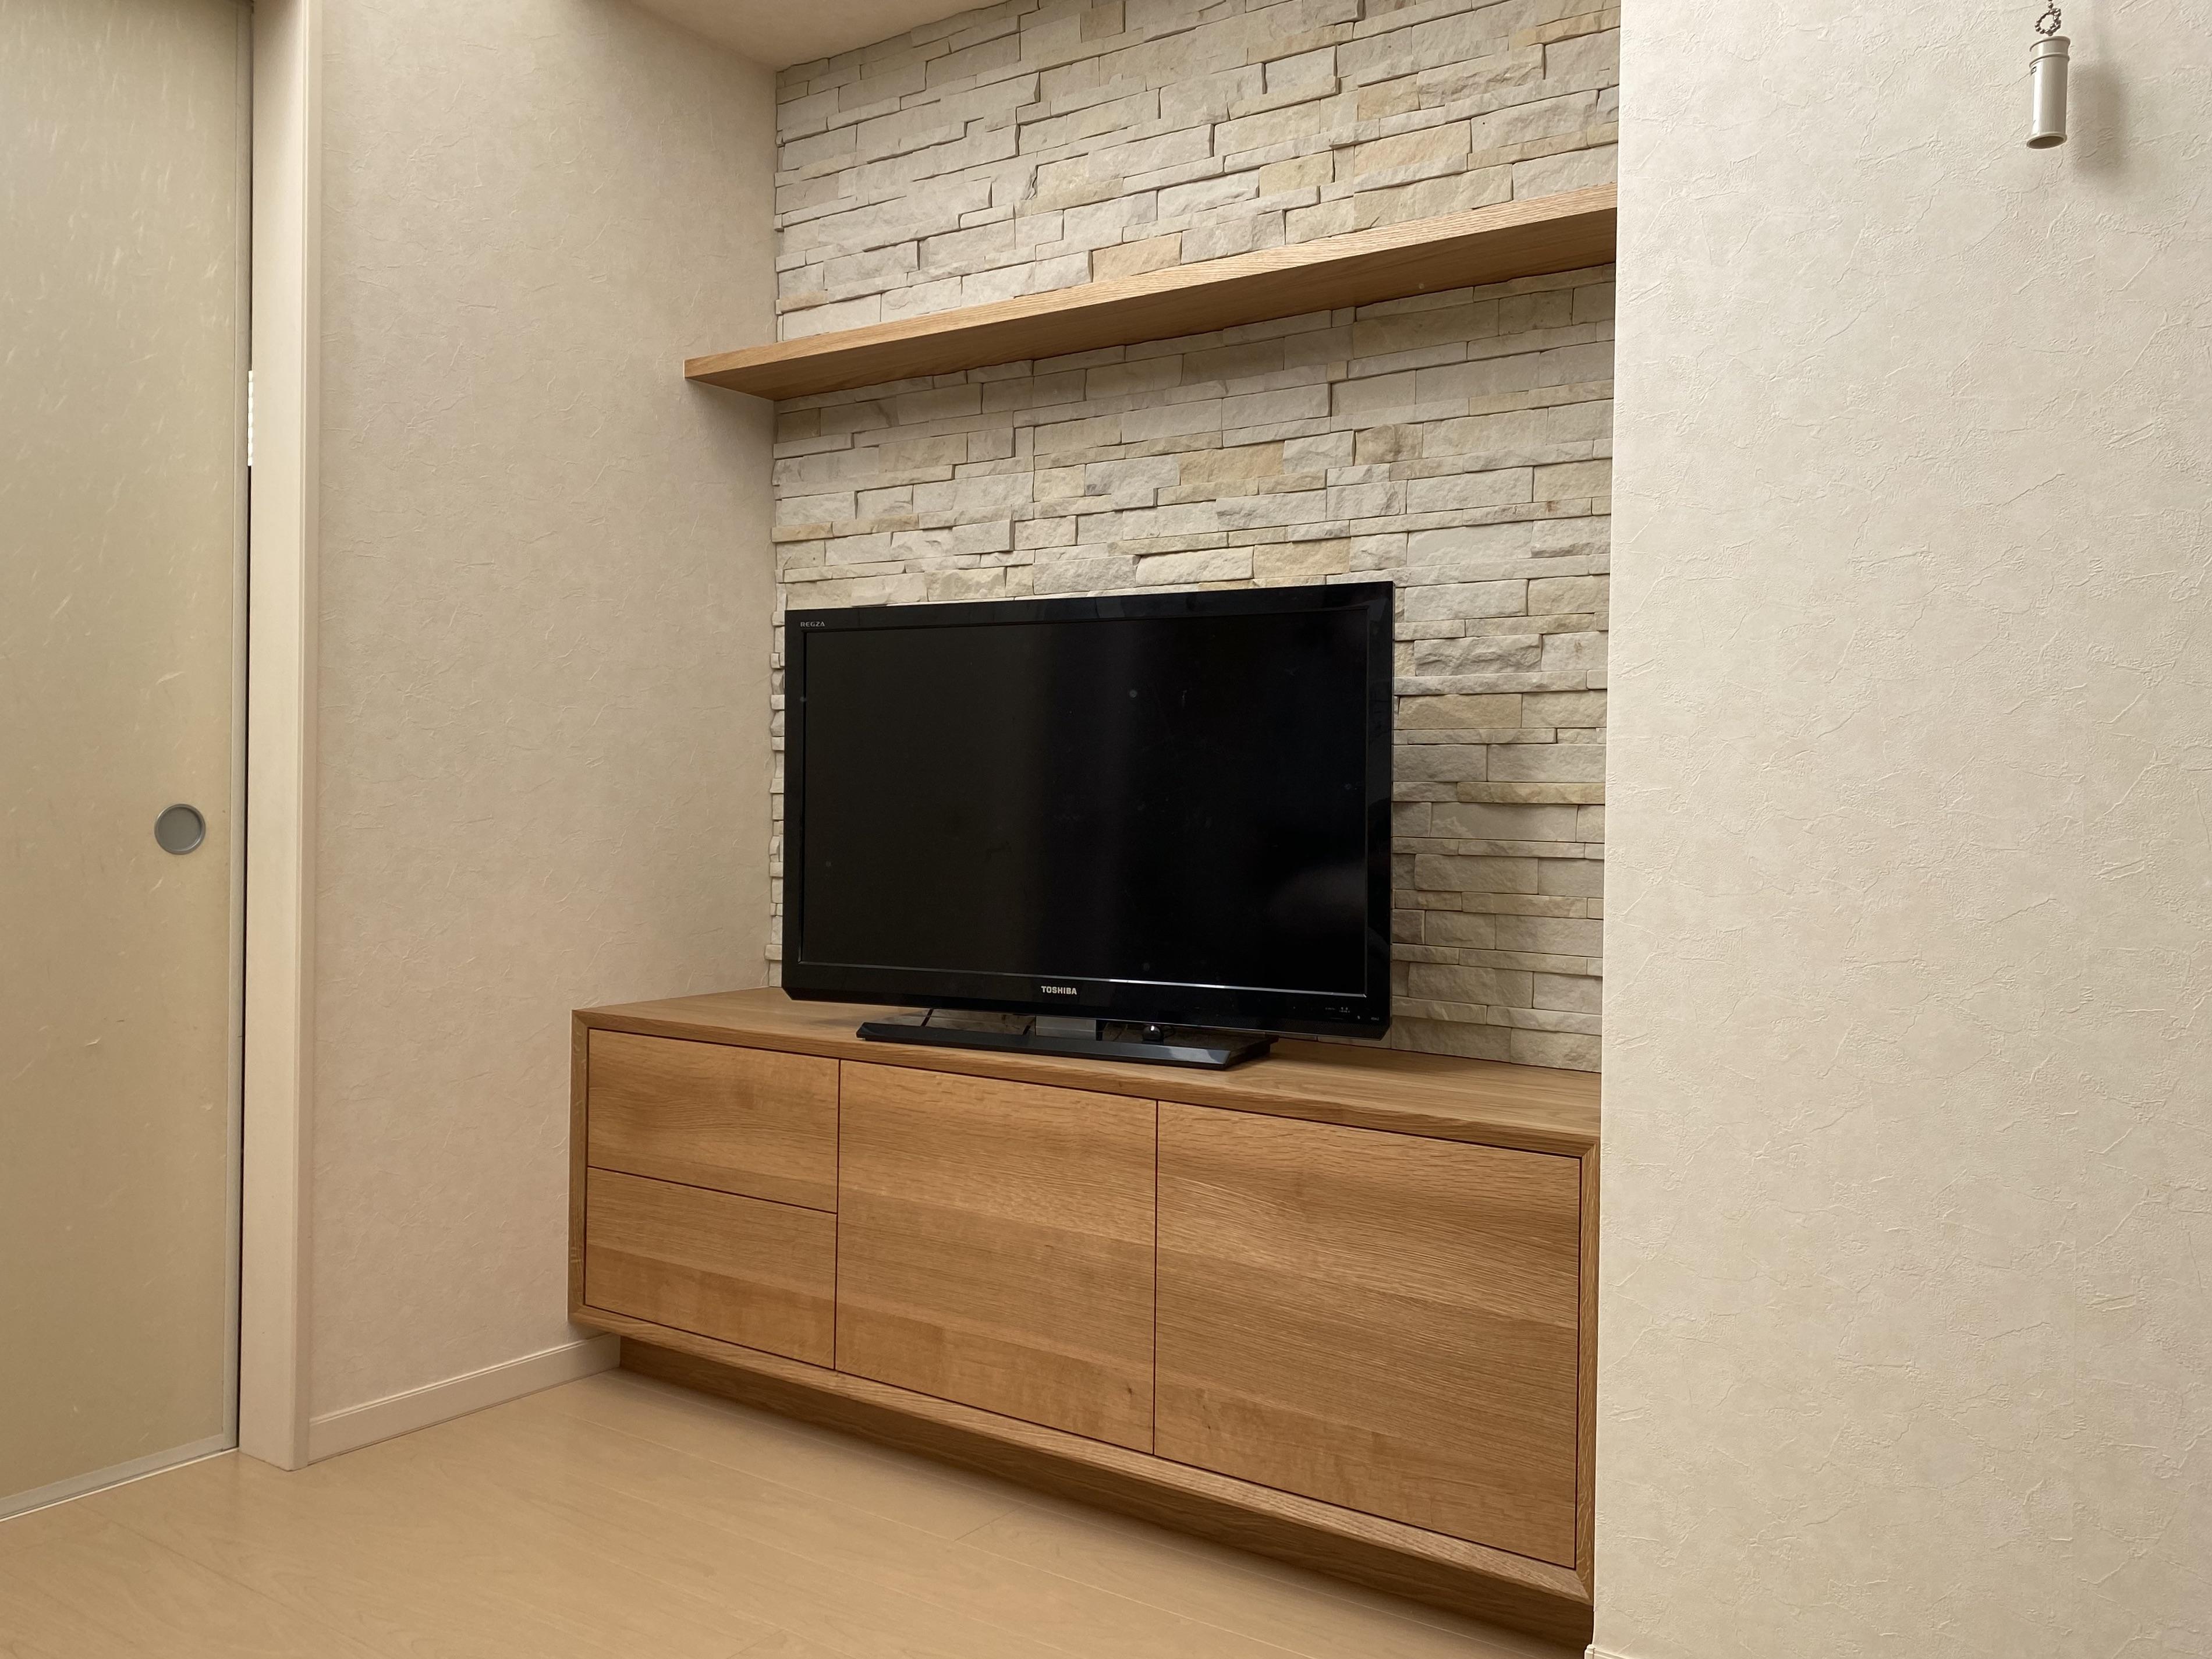 テレビボード 無垢 オーダー家具 オーダーテレビボード